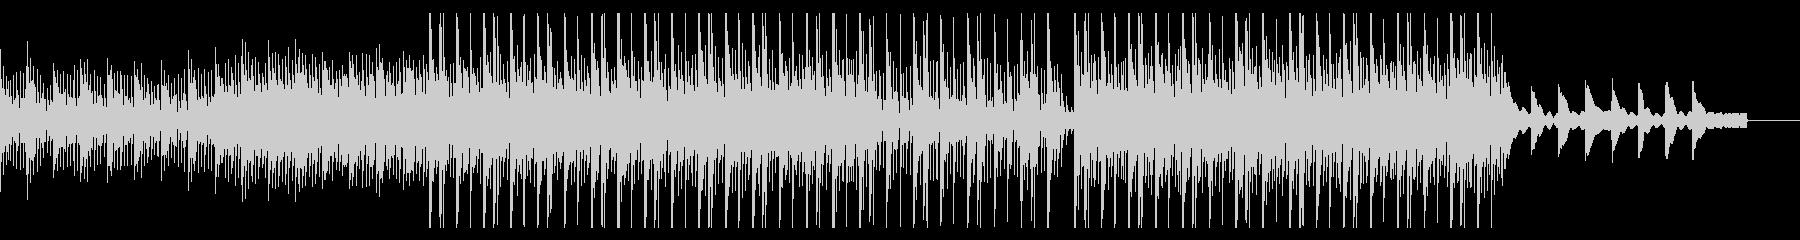 切なさのあるピアノフレーズの曲の未再生の波形